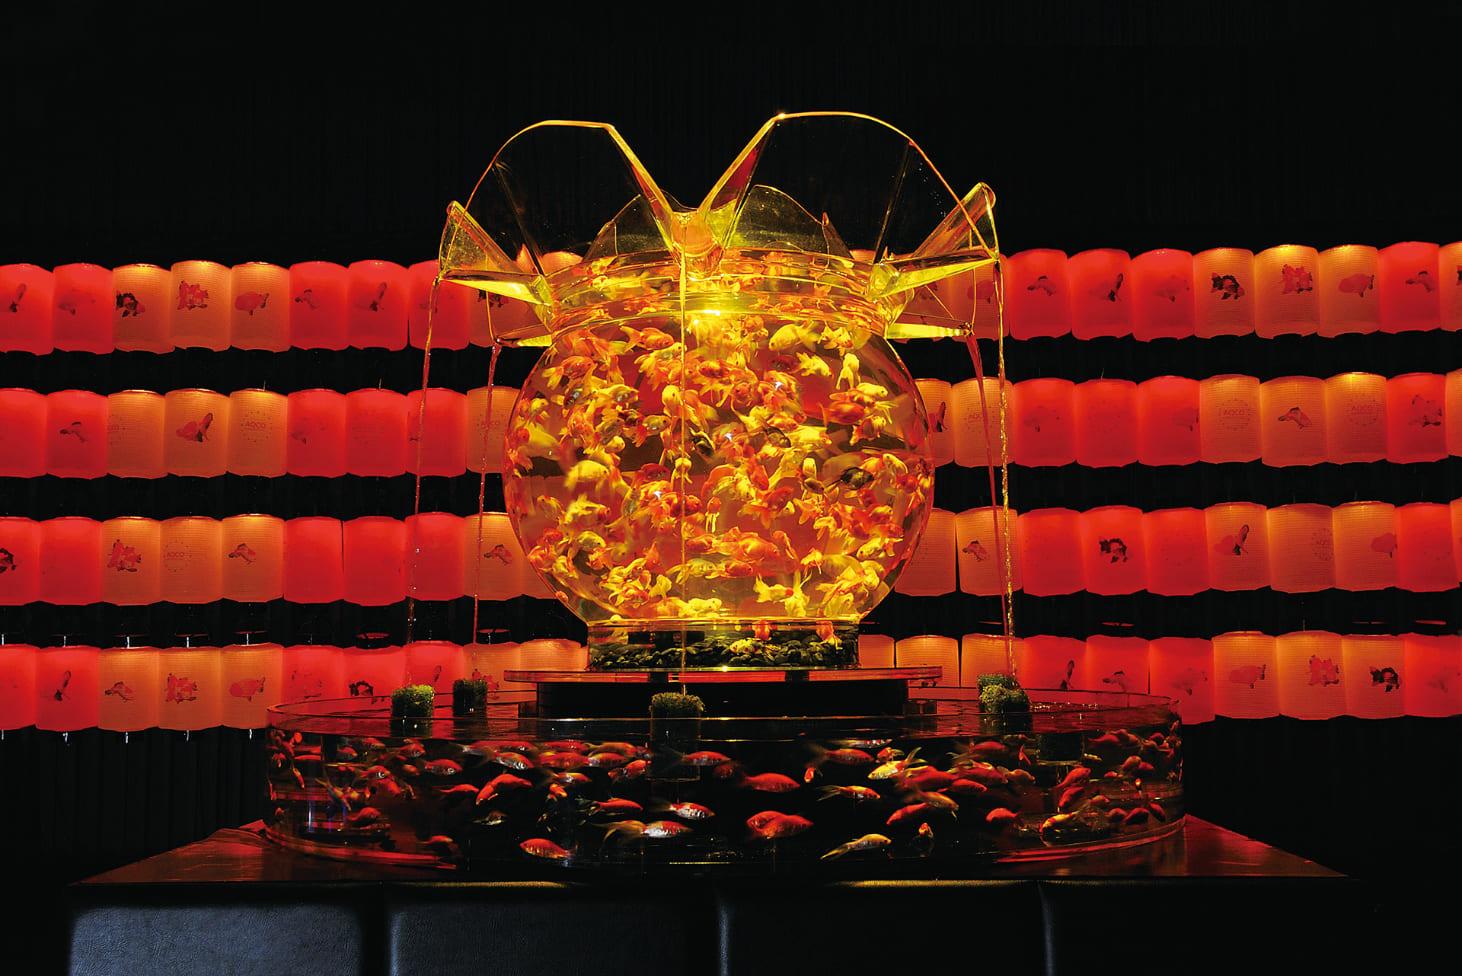 熱い夏に涼める芸術『アートアクアリウム美術館』が凄い‼